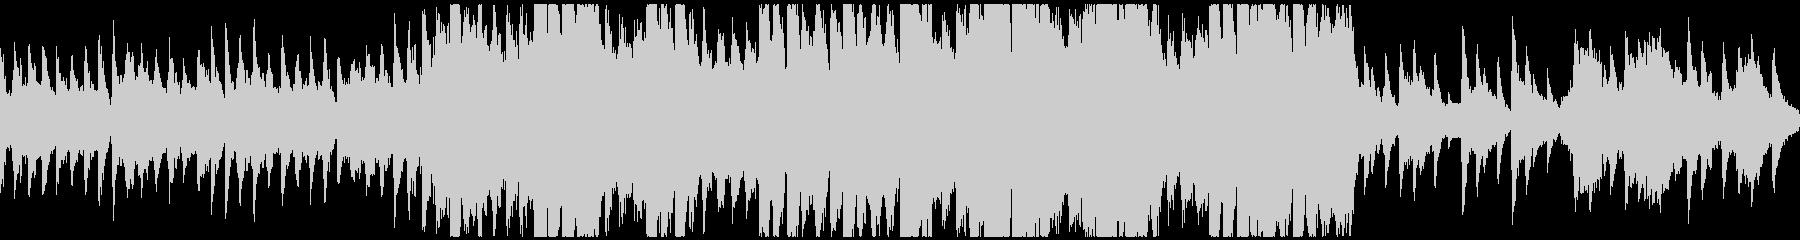 バイオリン/神秘/森-遺跡 |ω·`)の未再生の波形